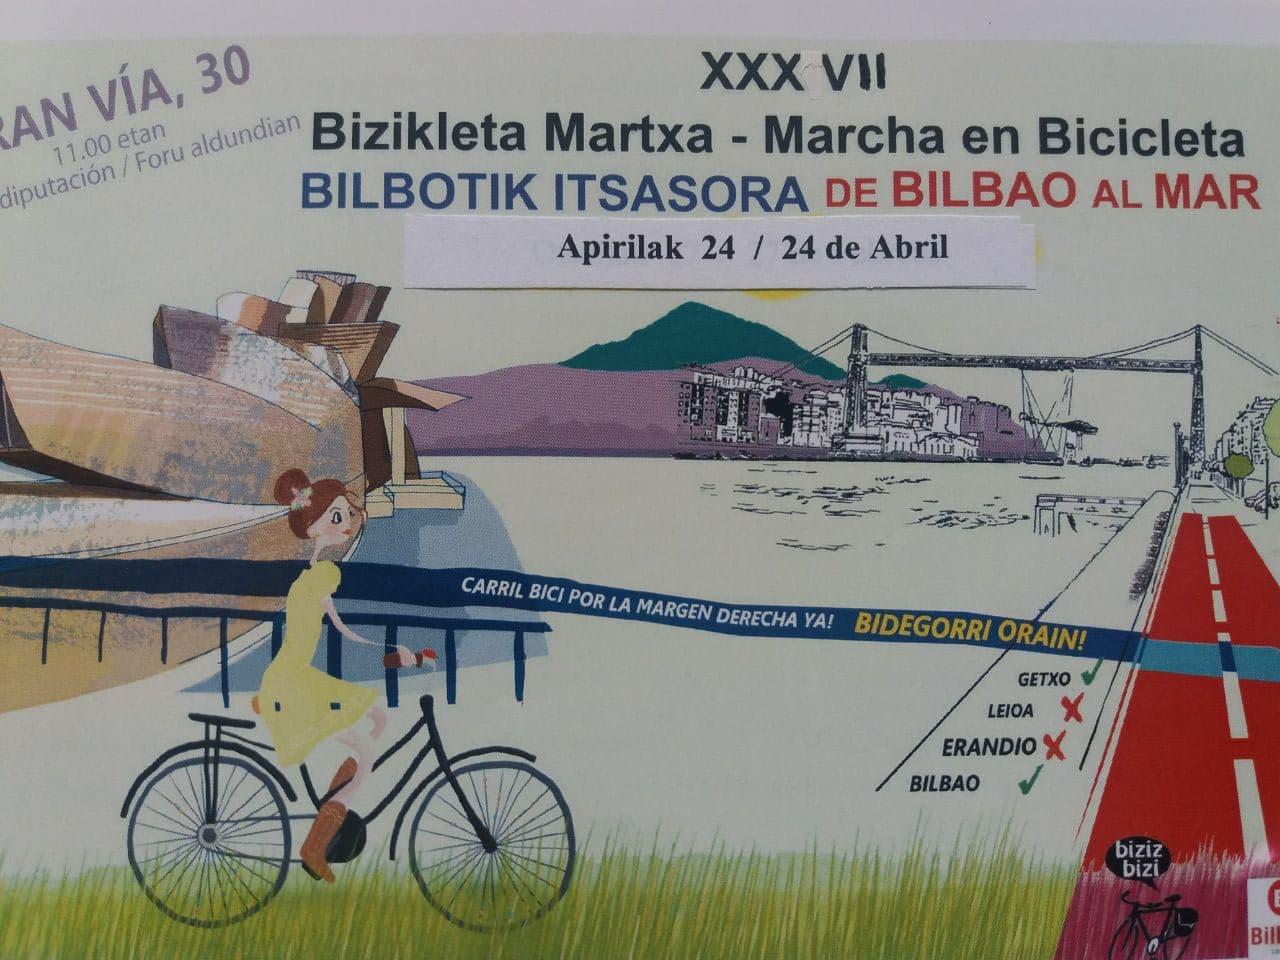 XXXVII Marcha #BilbotikItsasora